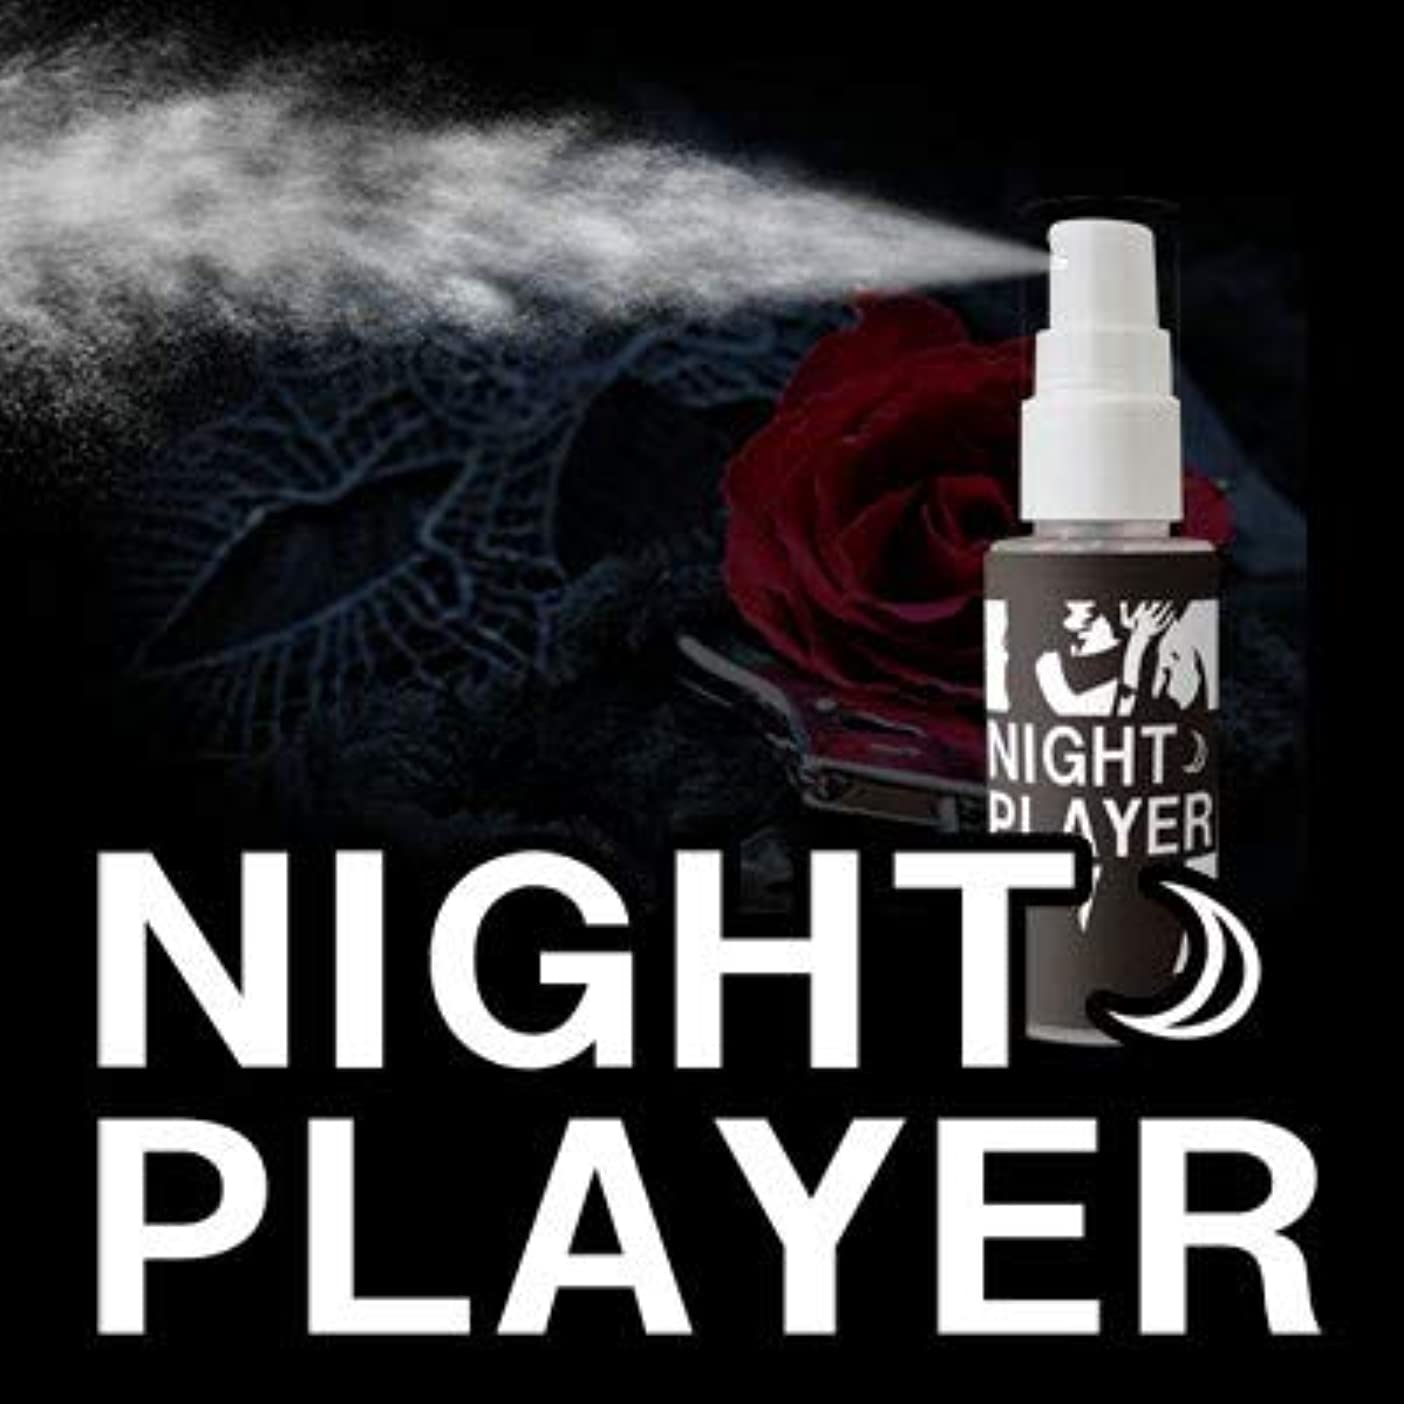 ペスト禁止人気NIGHT PLAYER(ナイトプレイヤー)